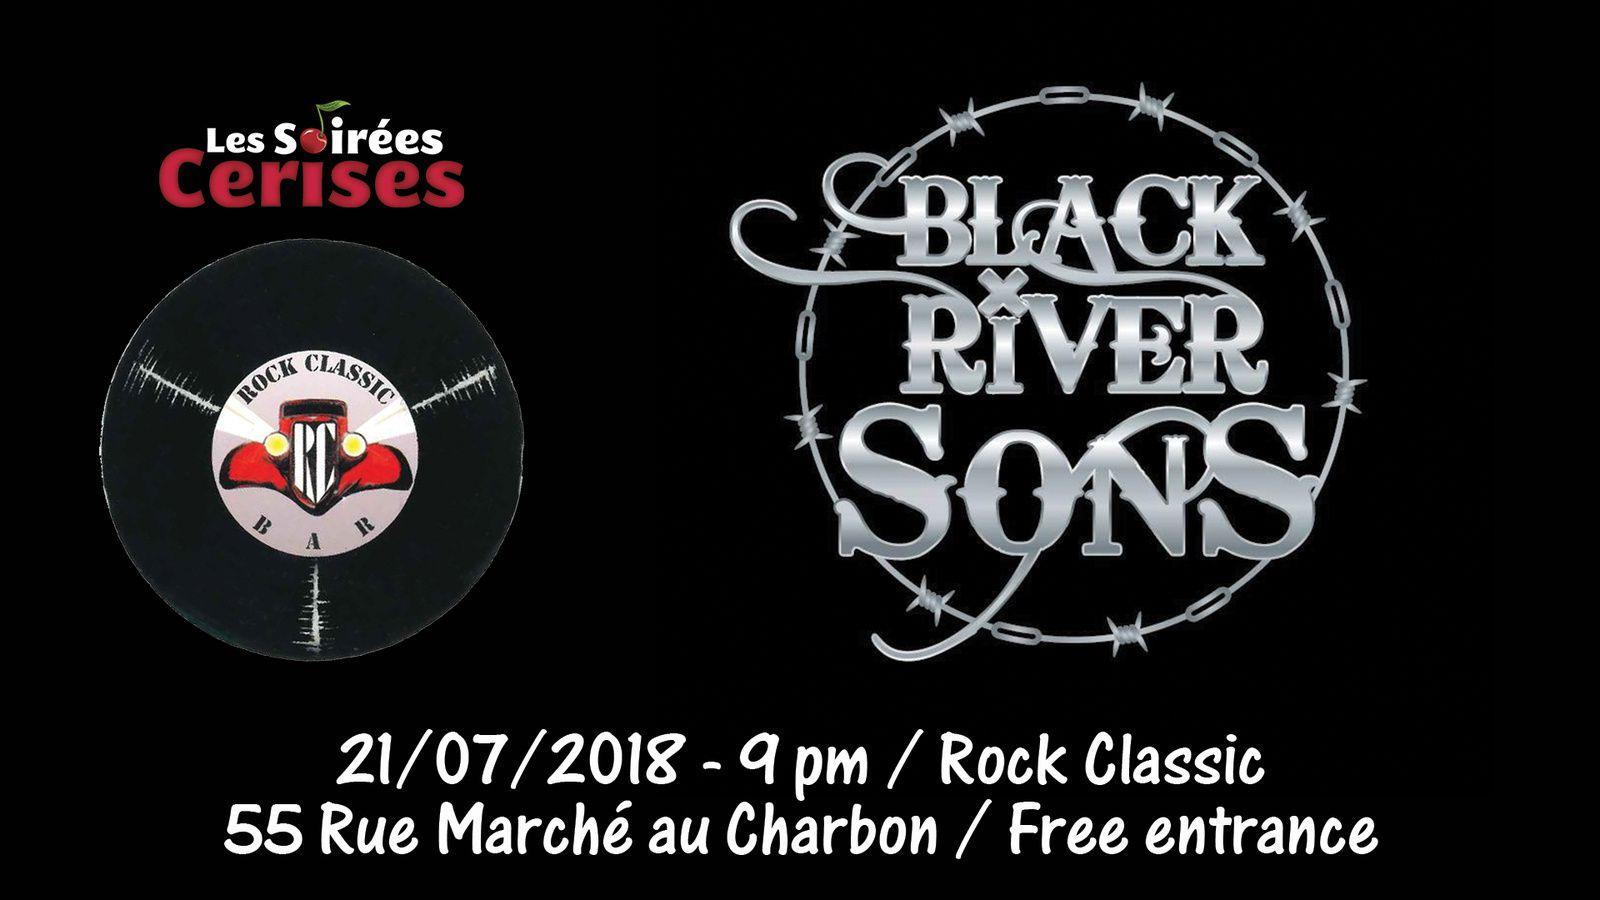 ▶ Black River Sons (F) au Rock Classic - 21/07/2018 - 21h00 - Entrée gratuite !